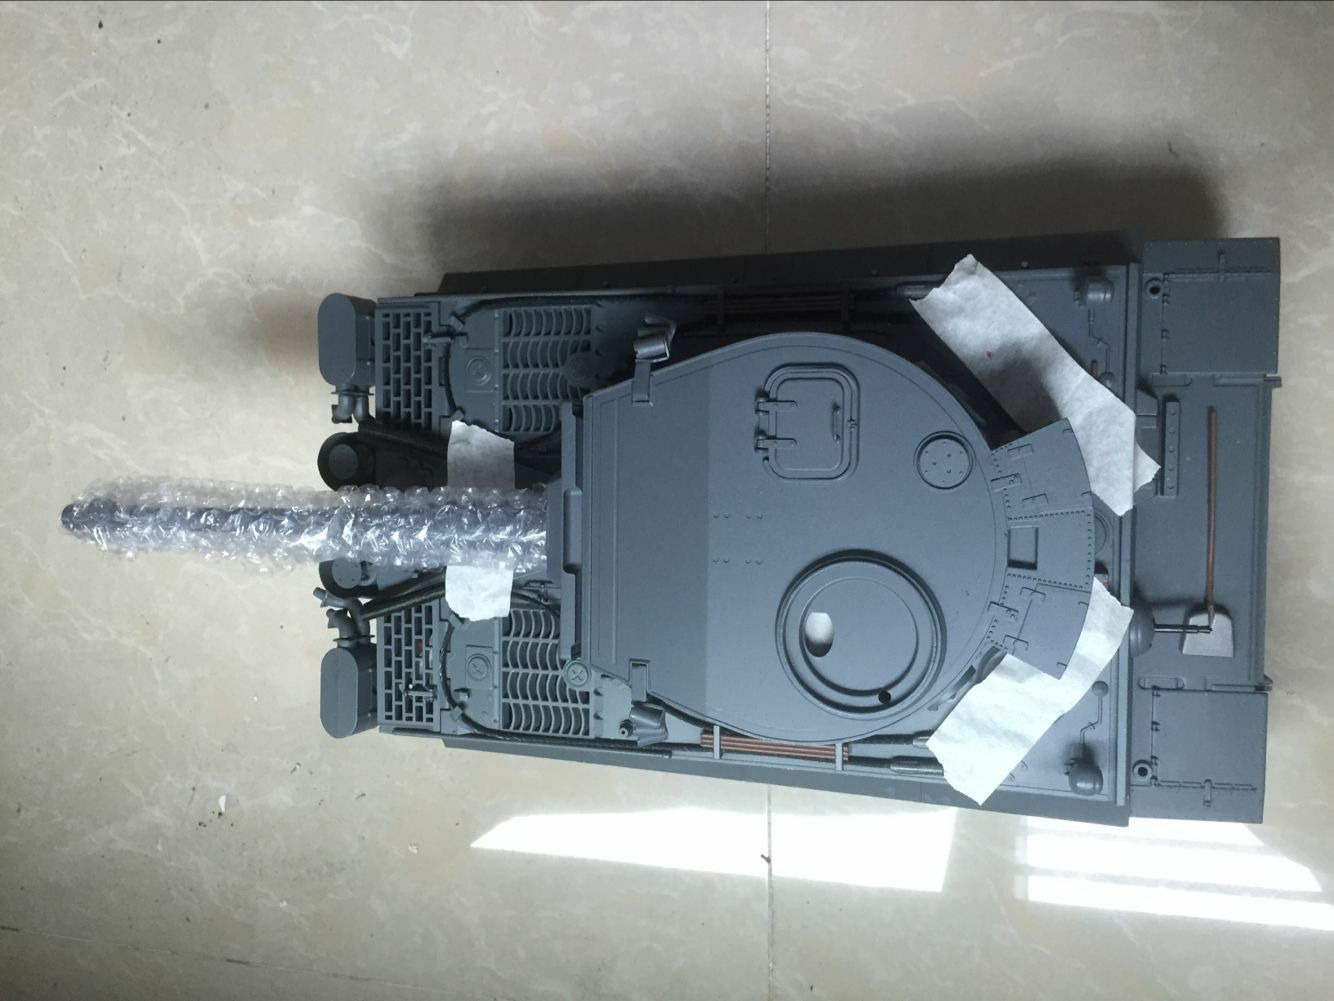 Mato 1 16 tutti Metal Geruomo  Tiger I RC Tank RTR Infrarosso grigio Coloree modello 1220  articoli promozionali